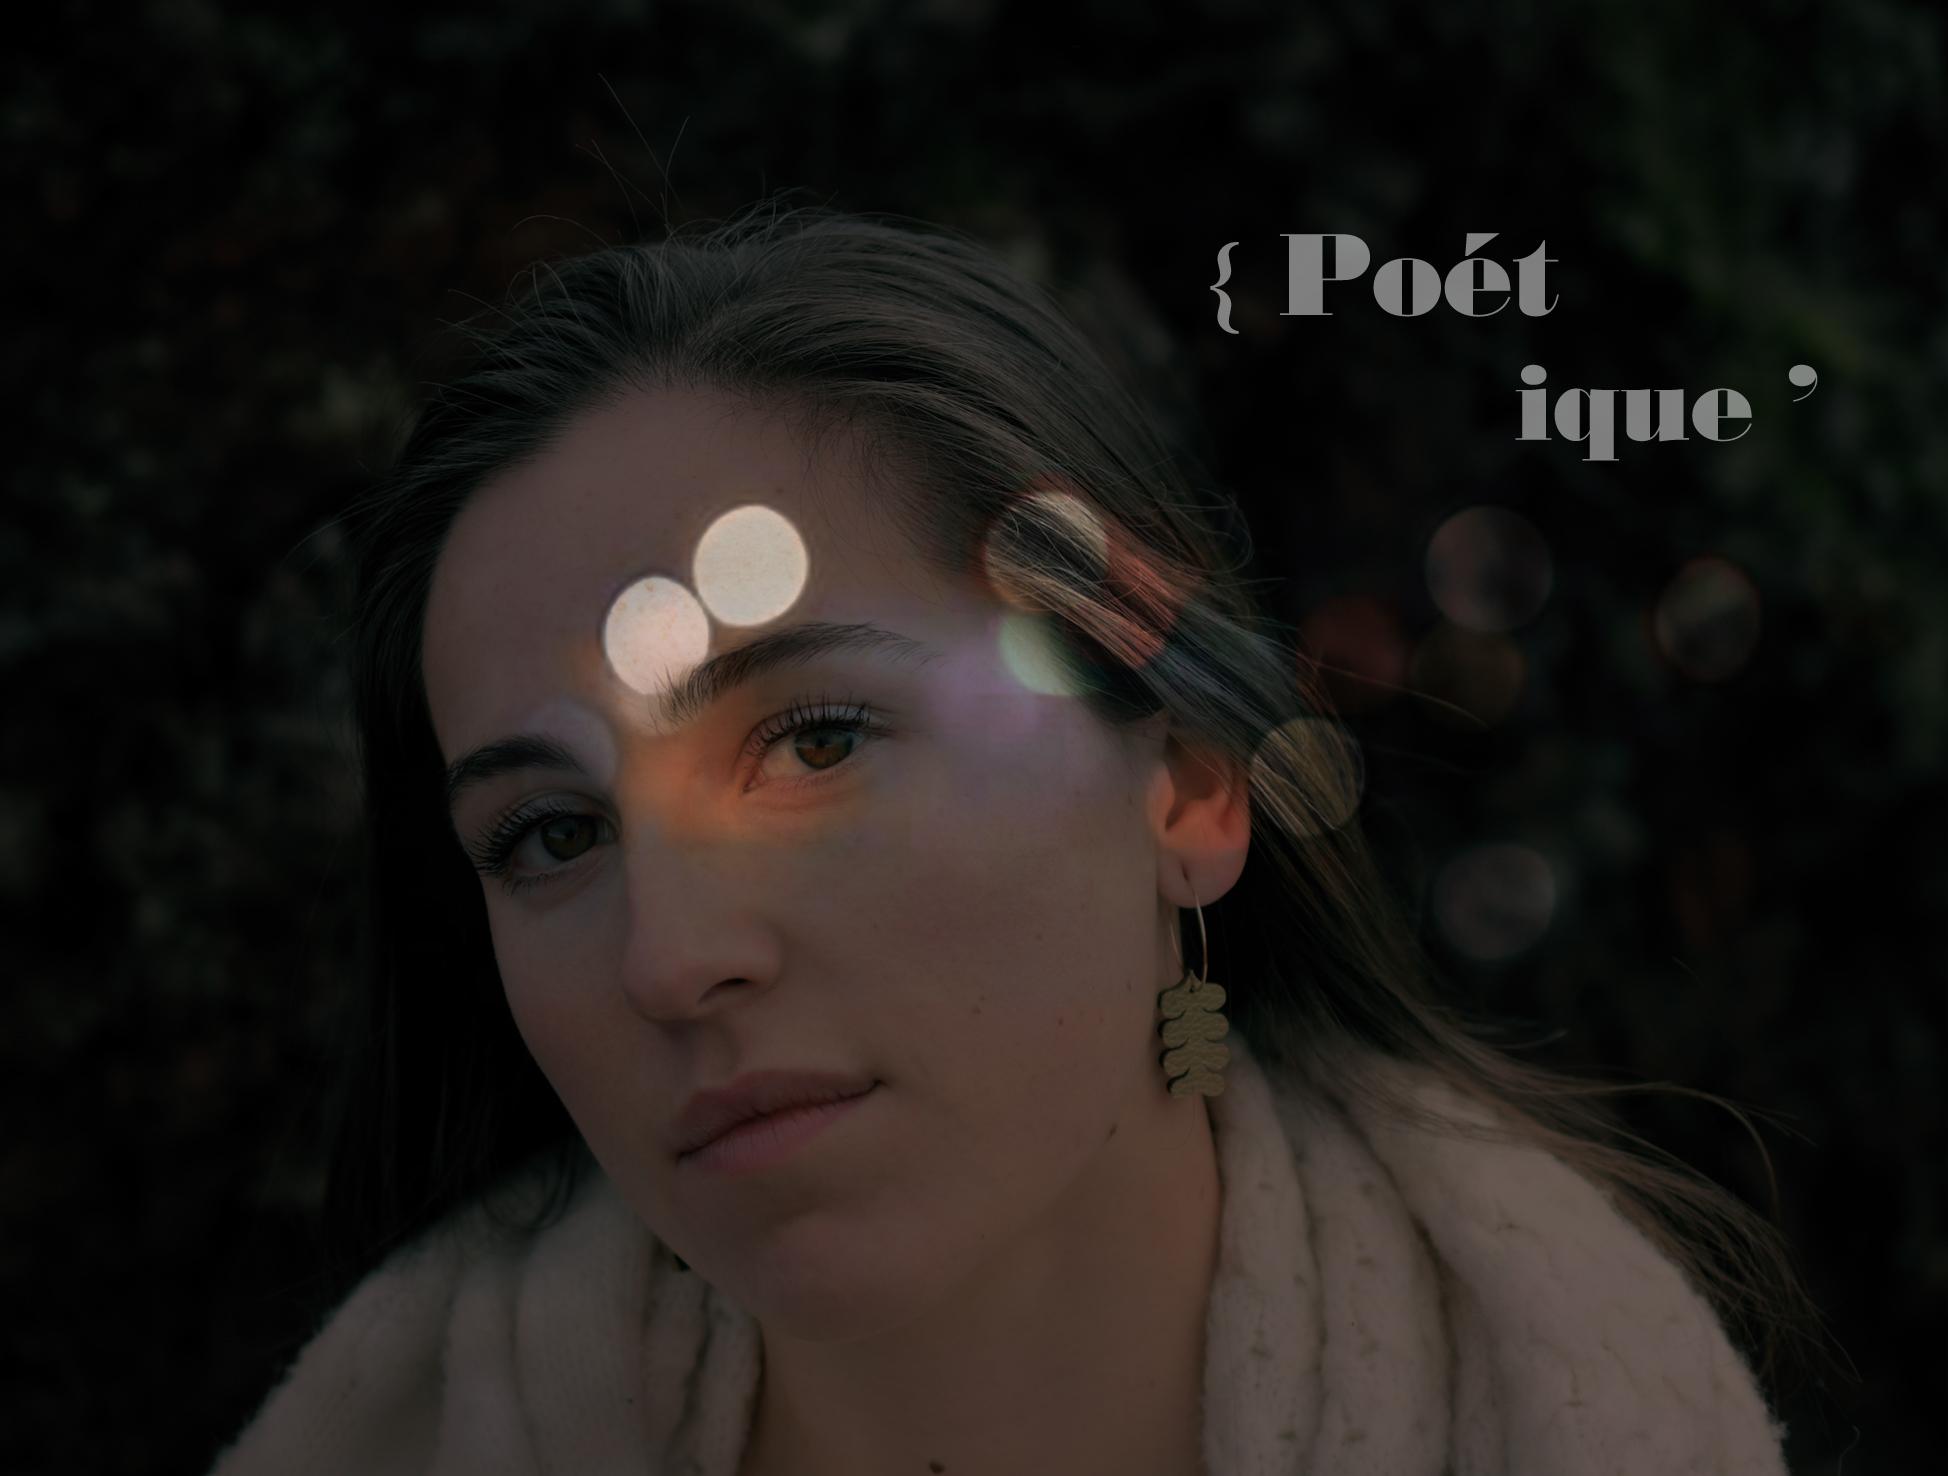 bijoux poétique